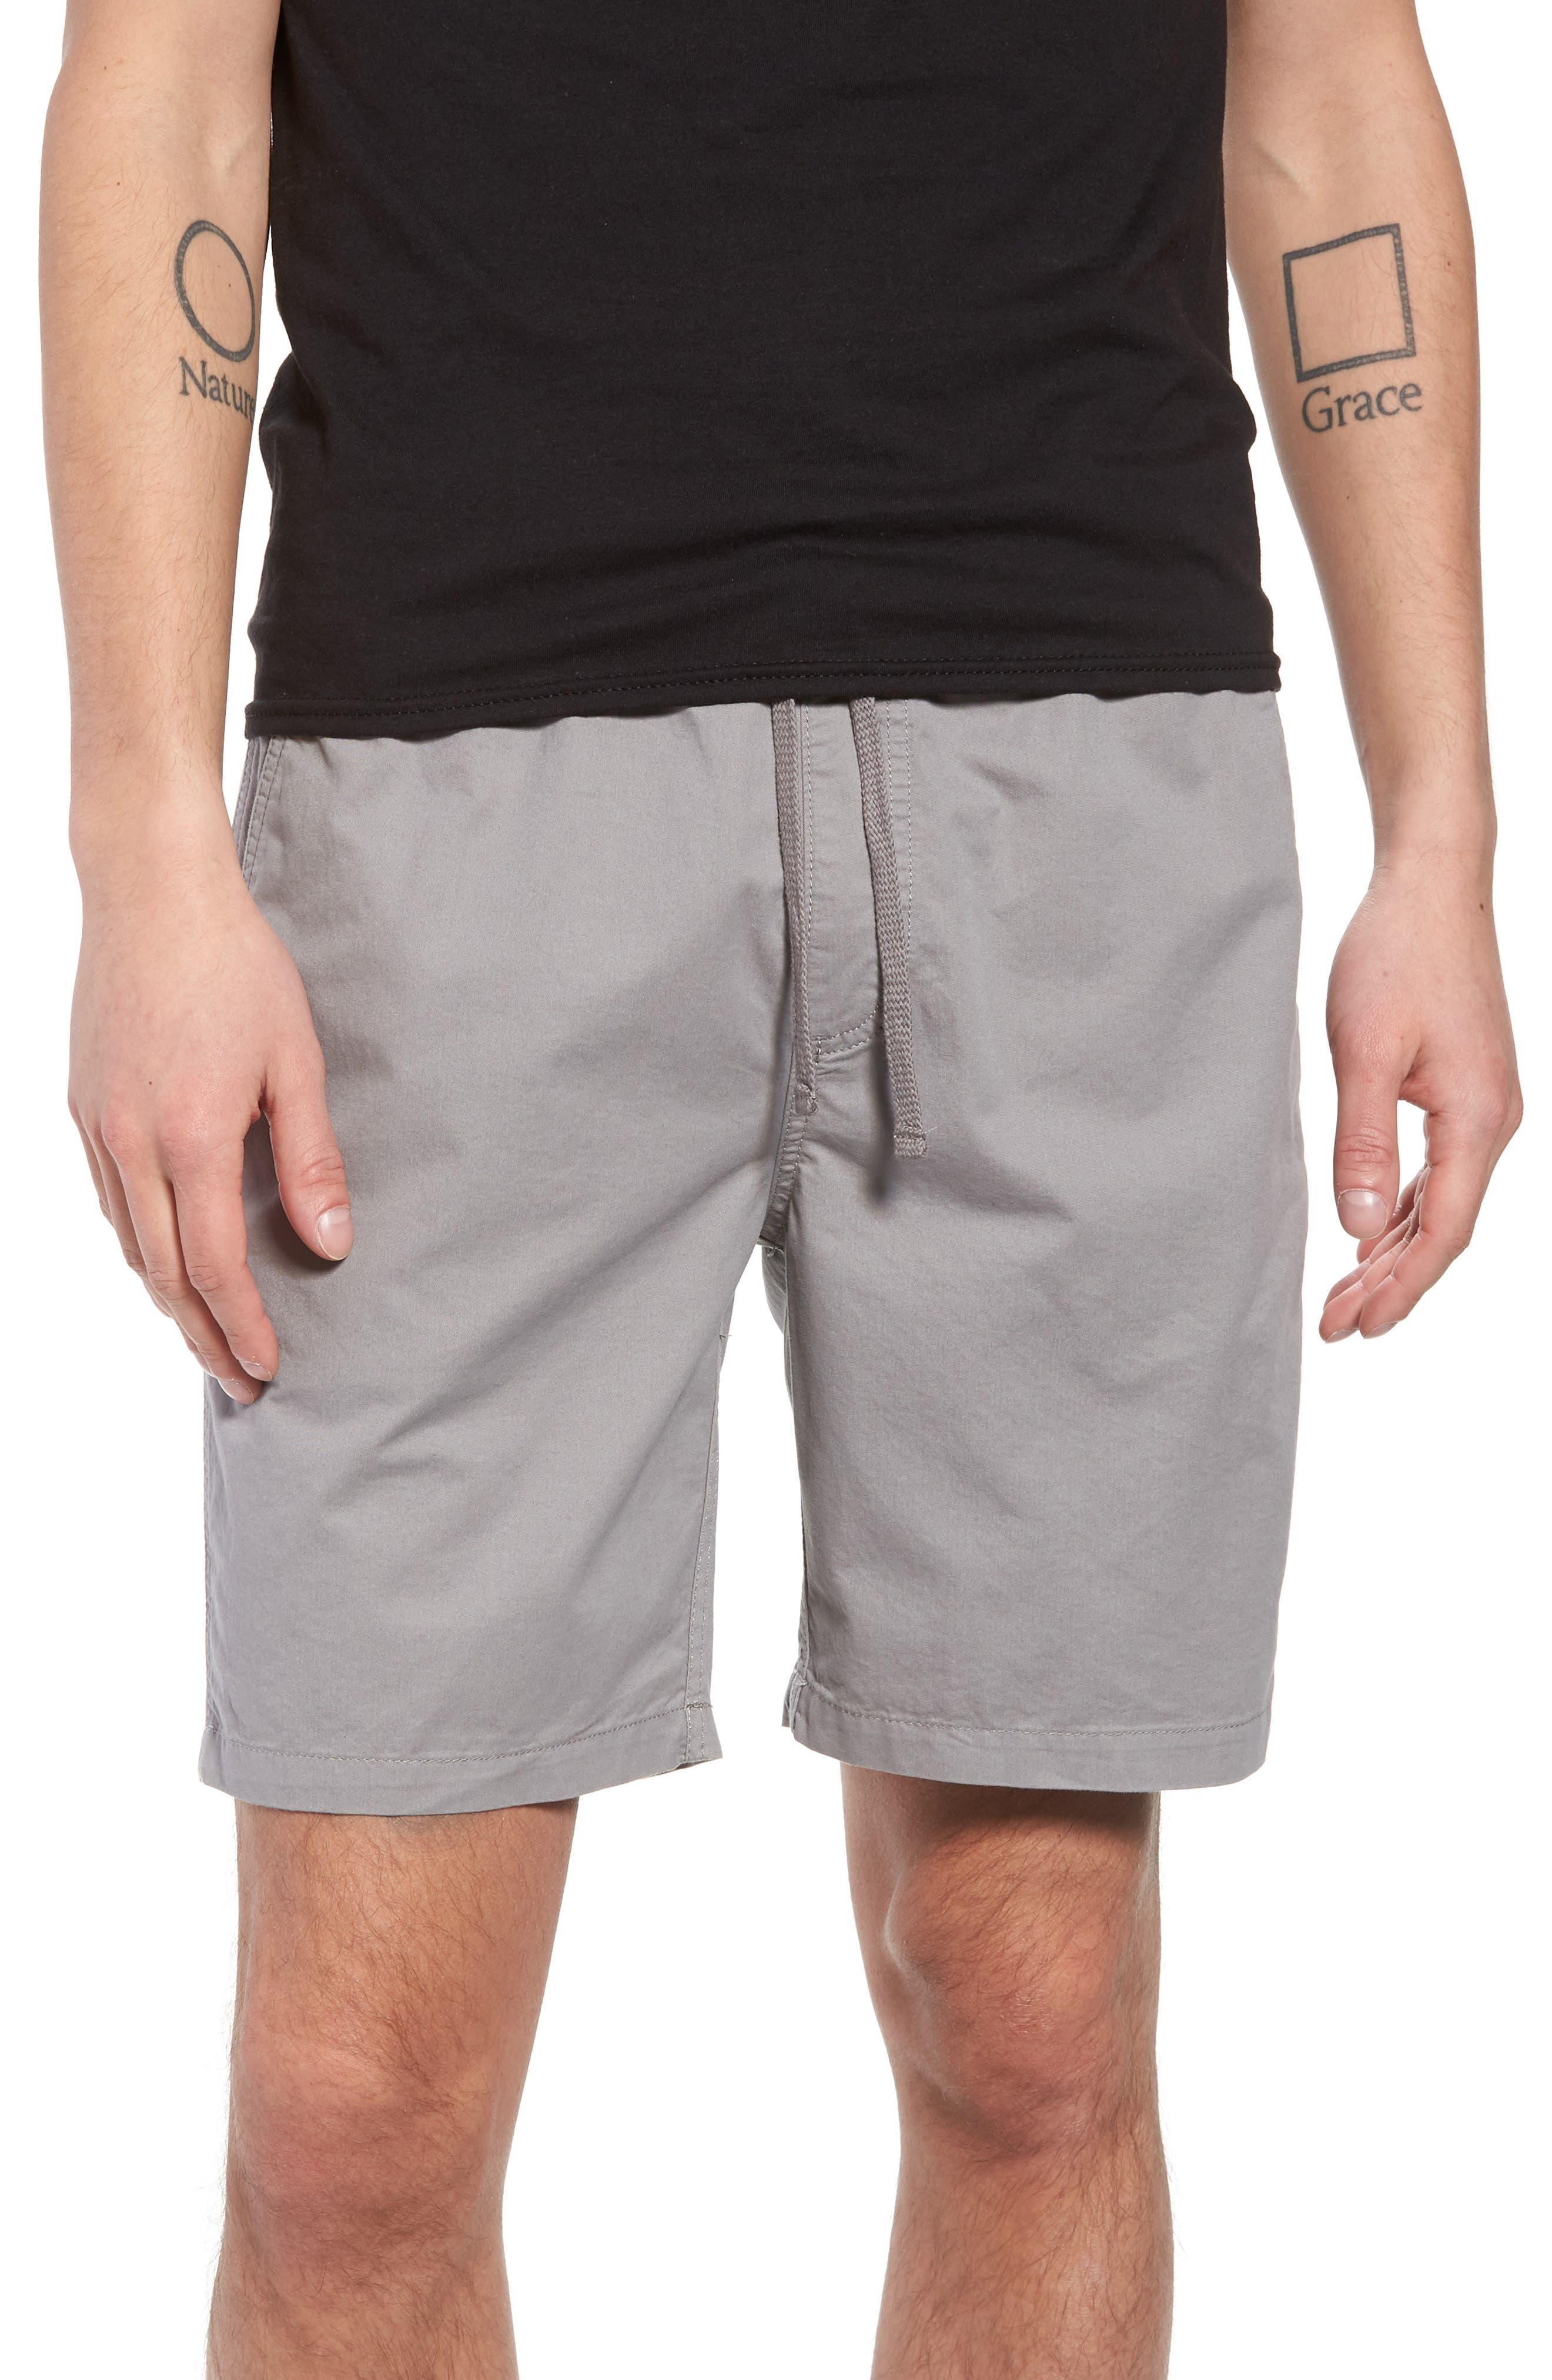 Range Drawstring Shorts,                             Main thumbnail 1, color,                             Frost Grey